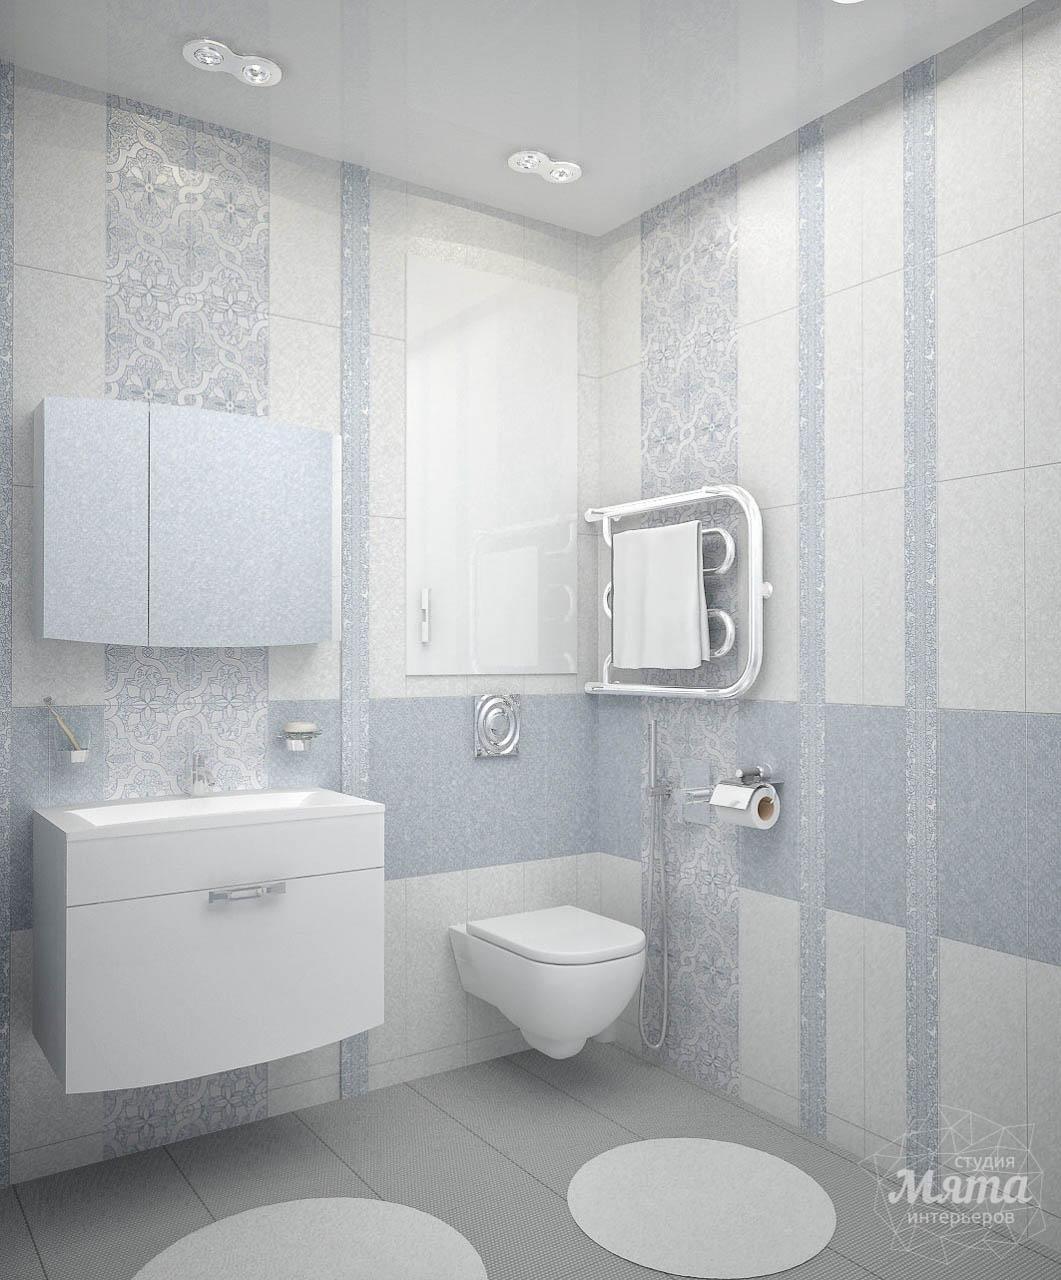 Дизайн интерьера и ремонт трехкомнатной квартиры по ул. Фучика 9 img517745156